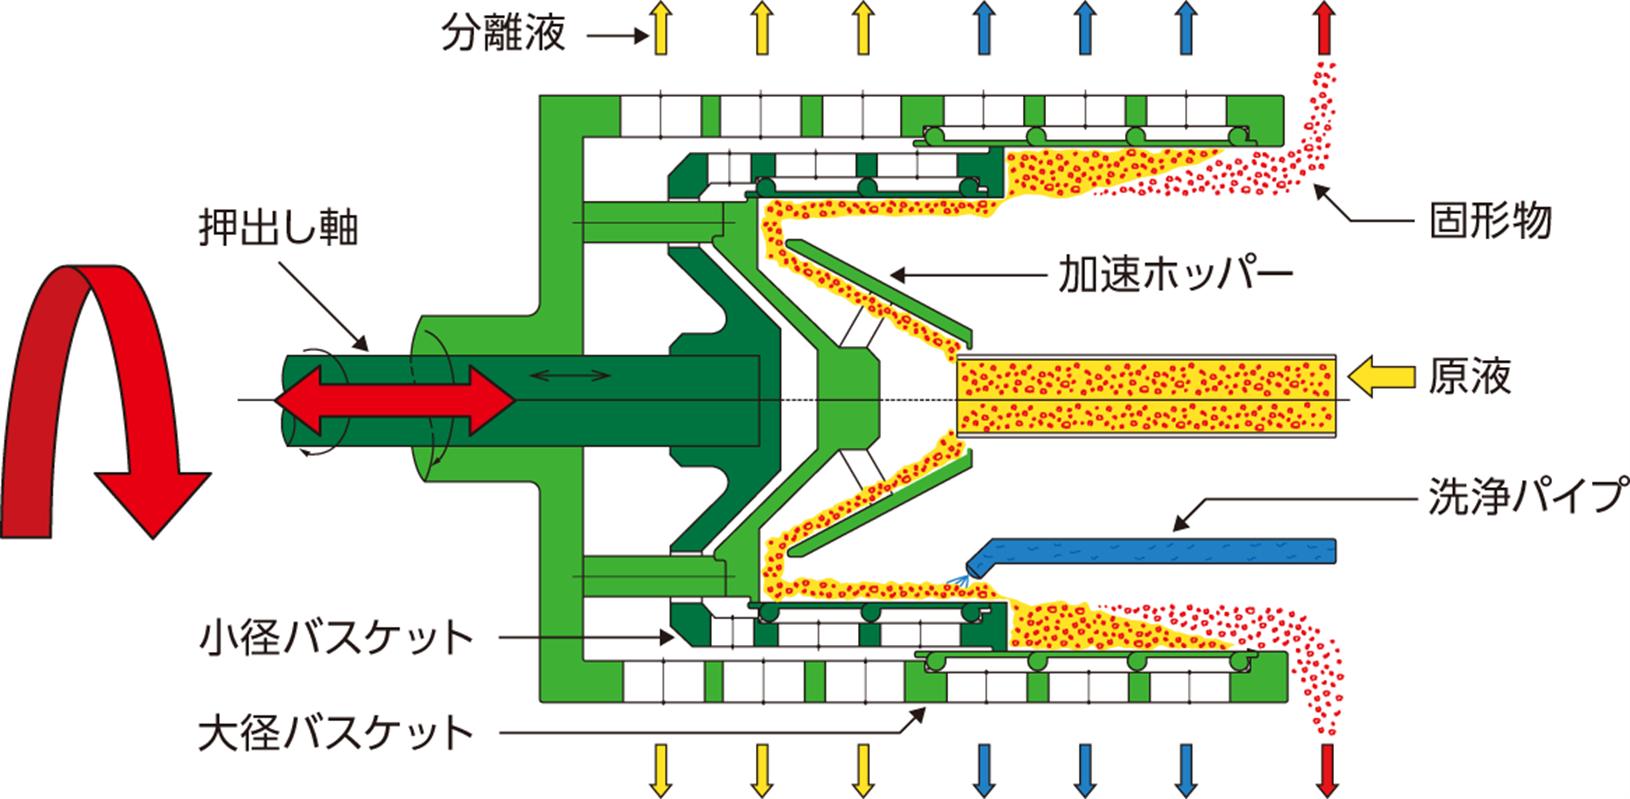 SP プッシャー構造